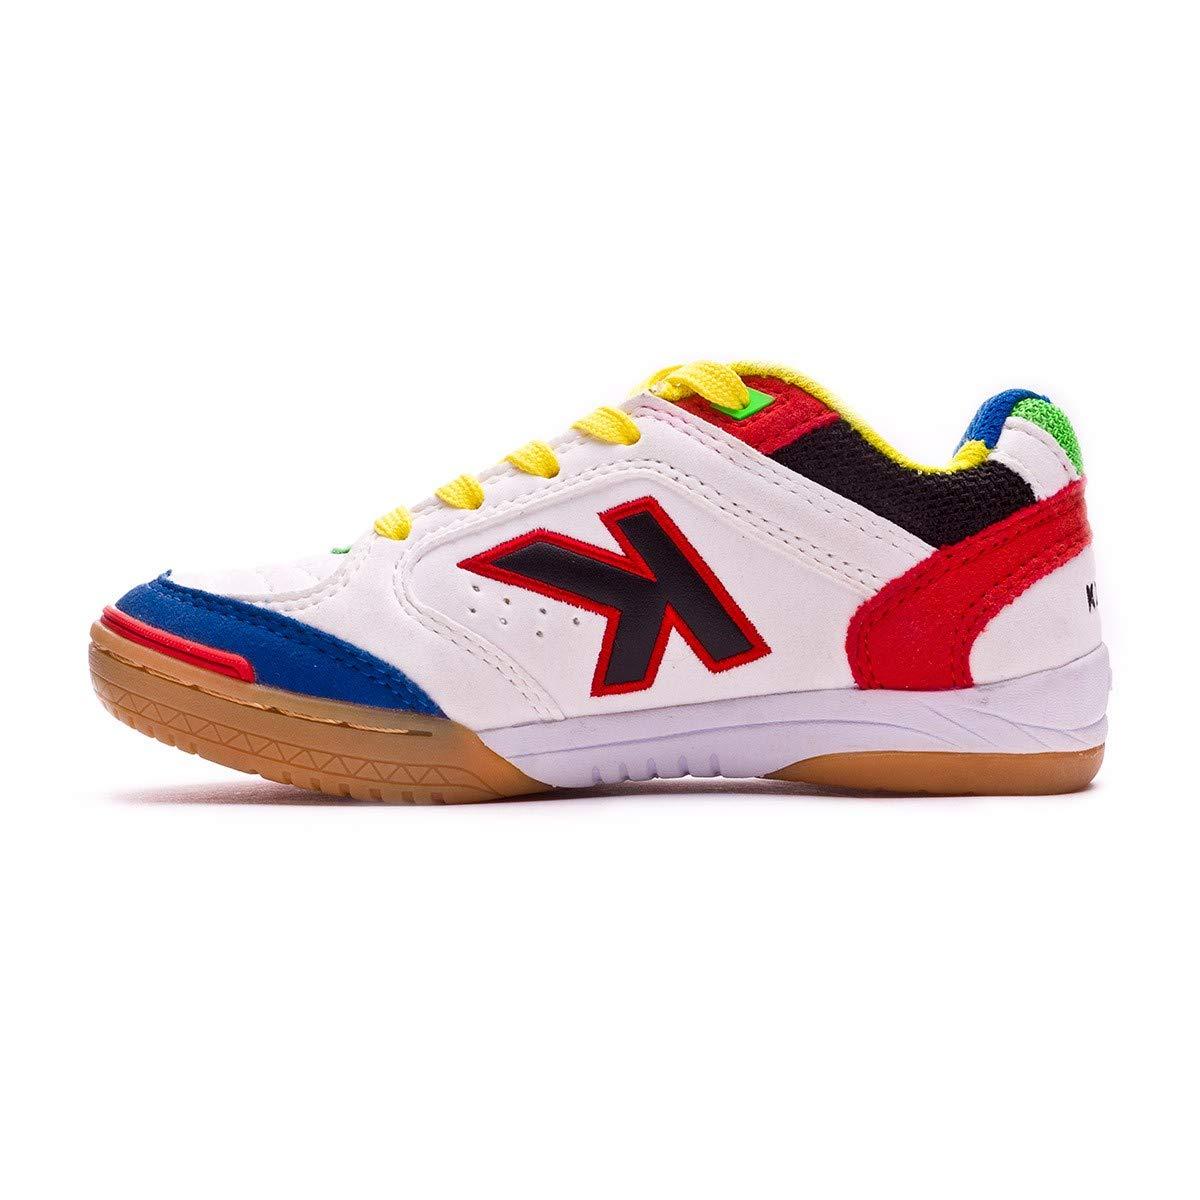 Kelme Boys  Olimpo Jr Futsal Shoes be57cbb8ac8b0